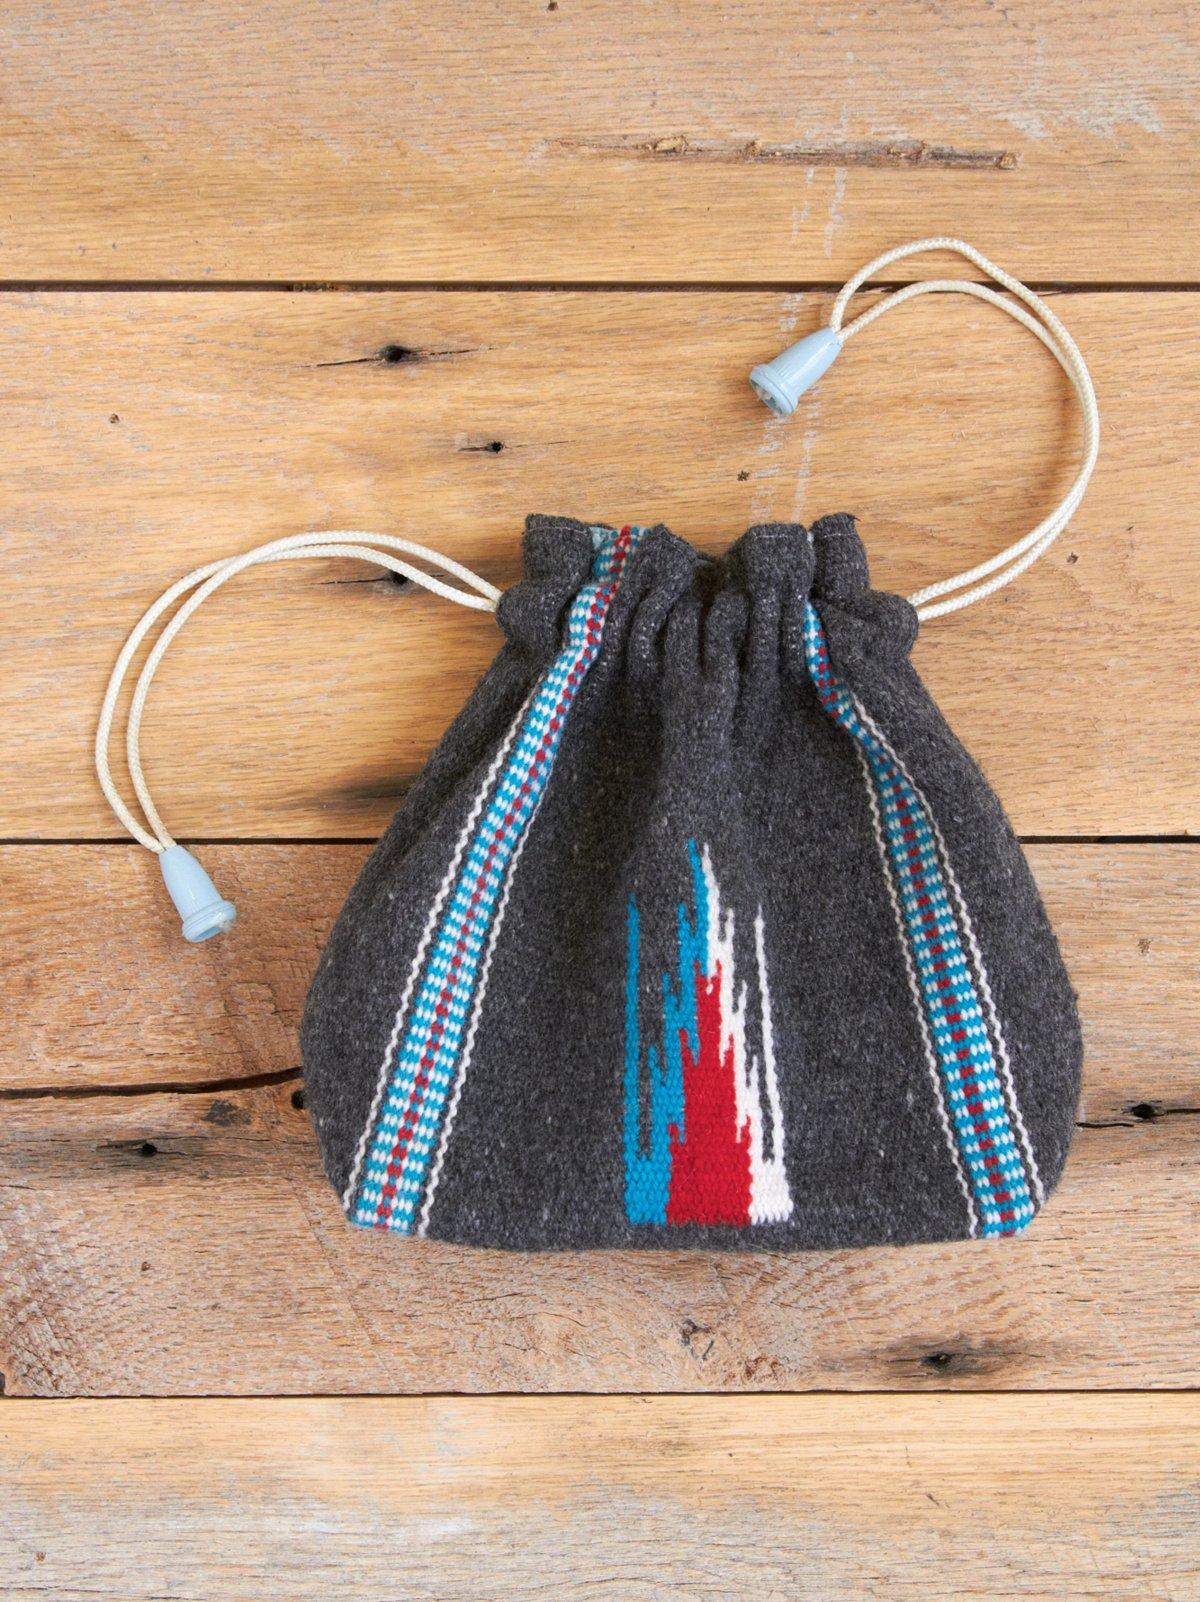 Vintage Handwoven Drawstring Wool Bag